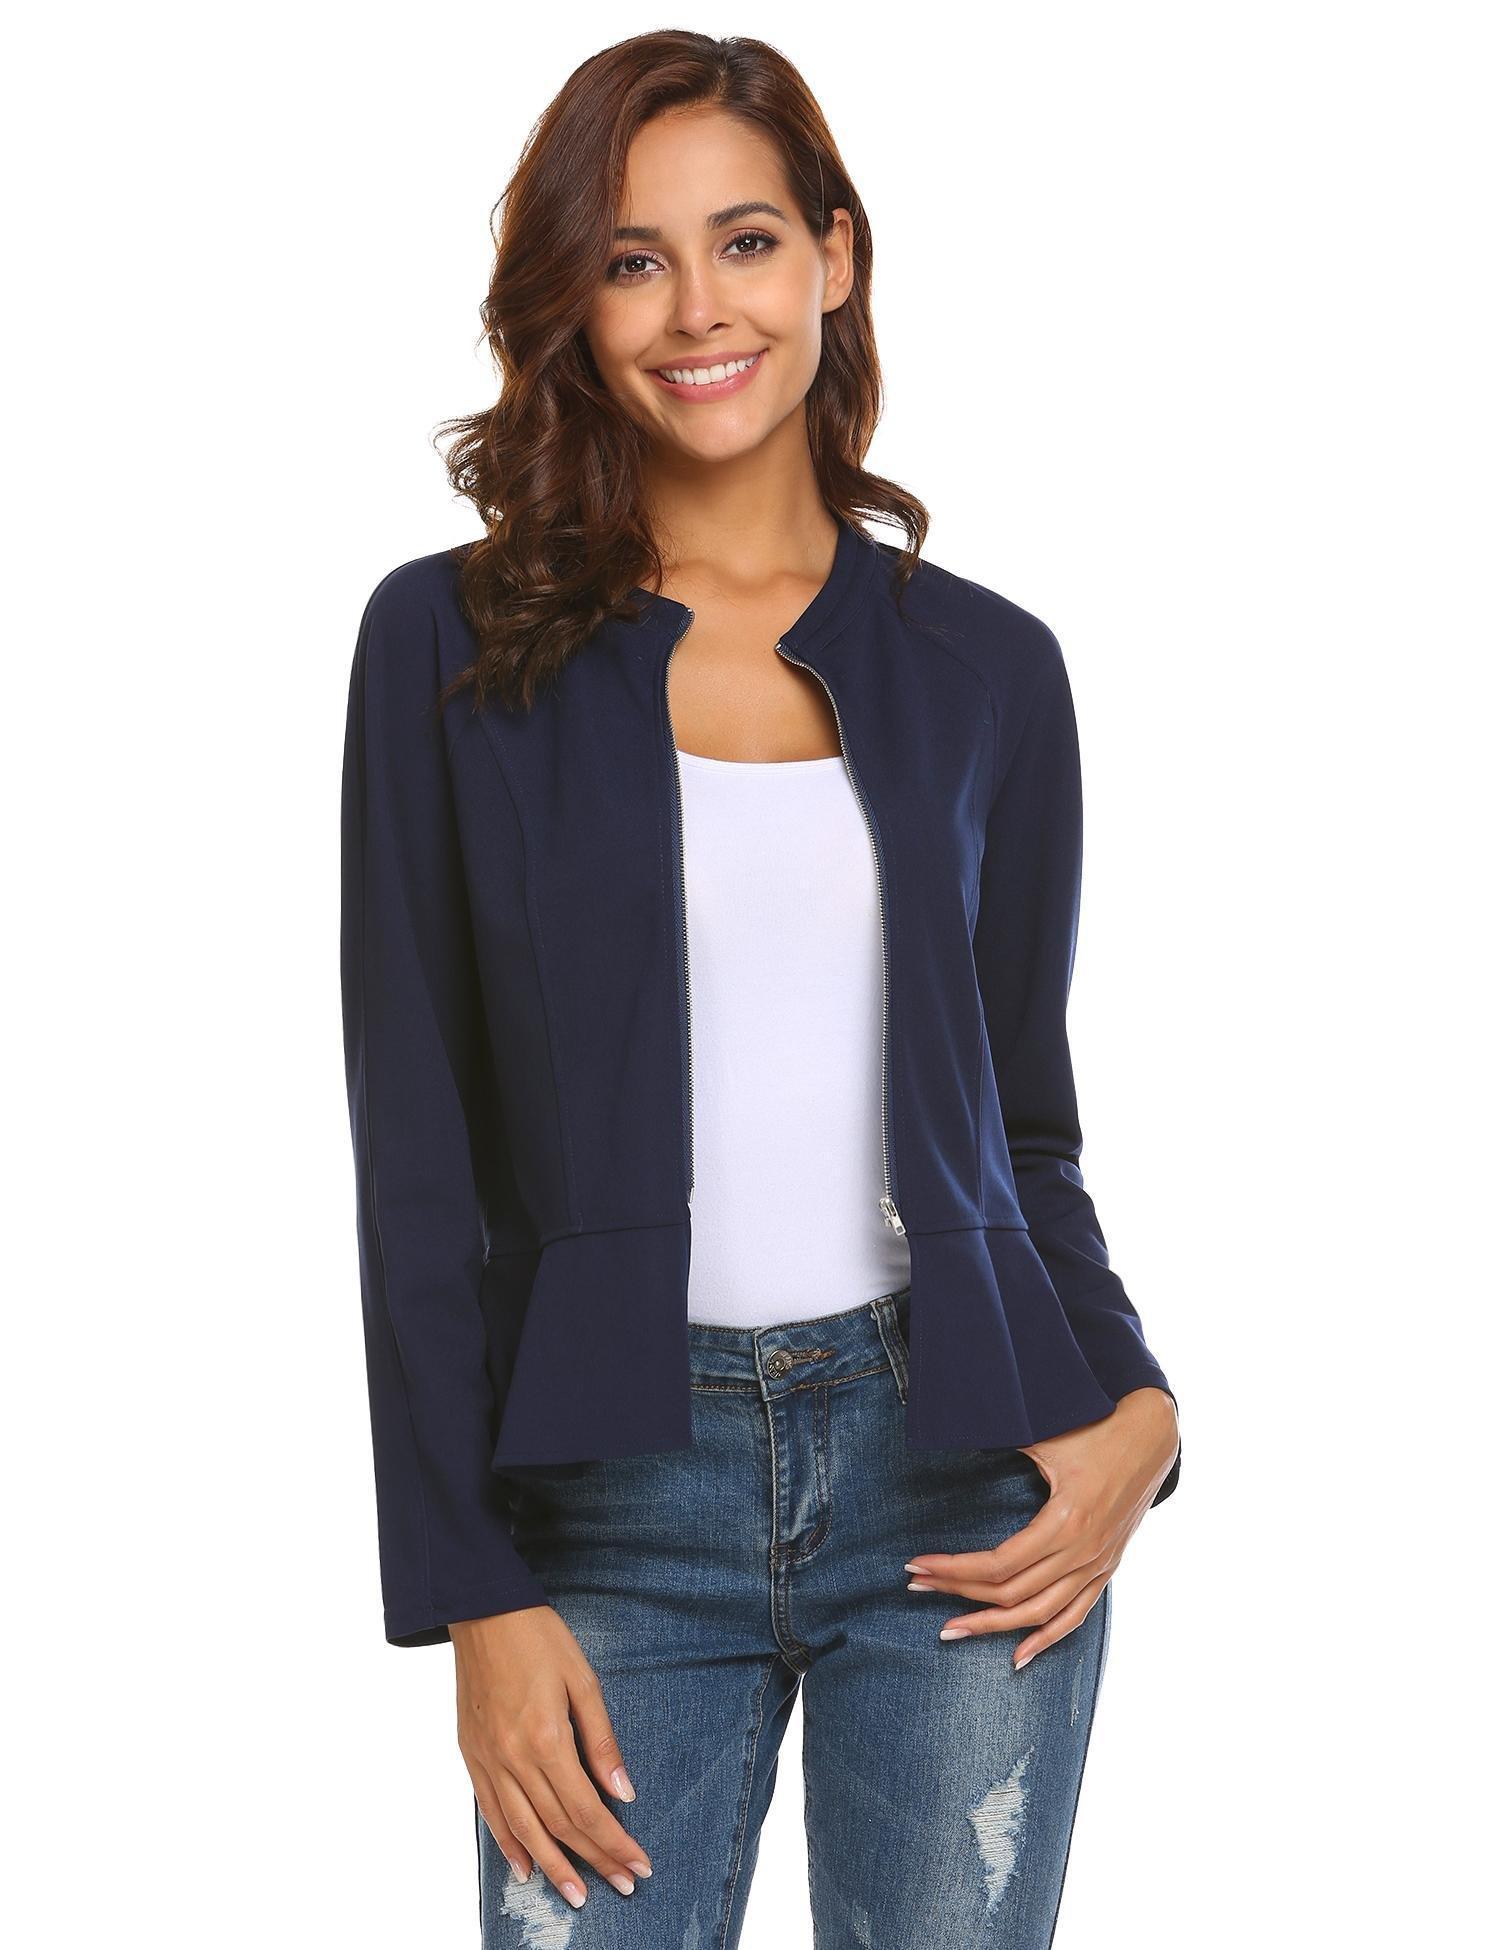 Gfones Women's Casual Collarless Long Sleeve Peplum Office Blazer